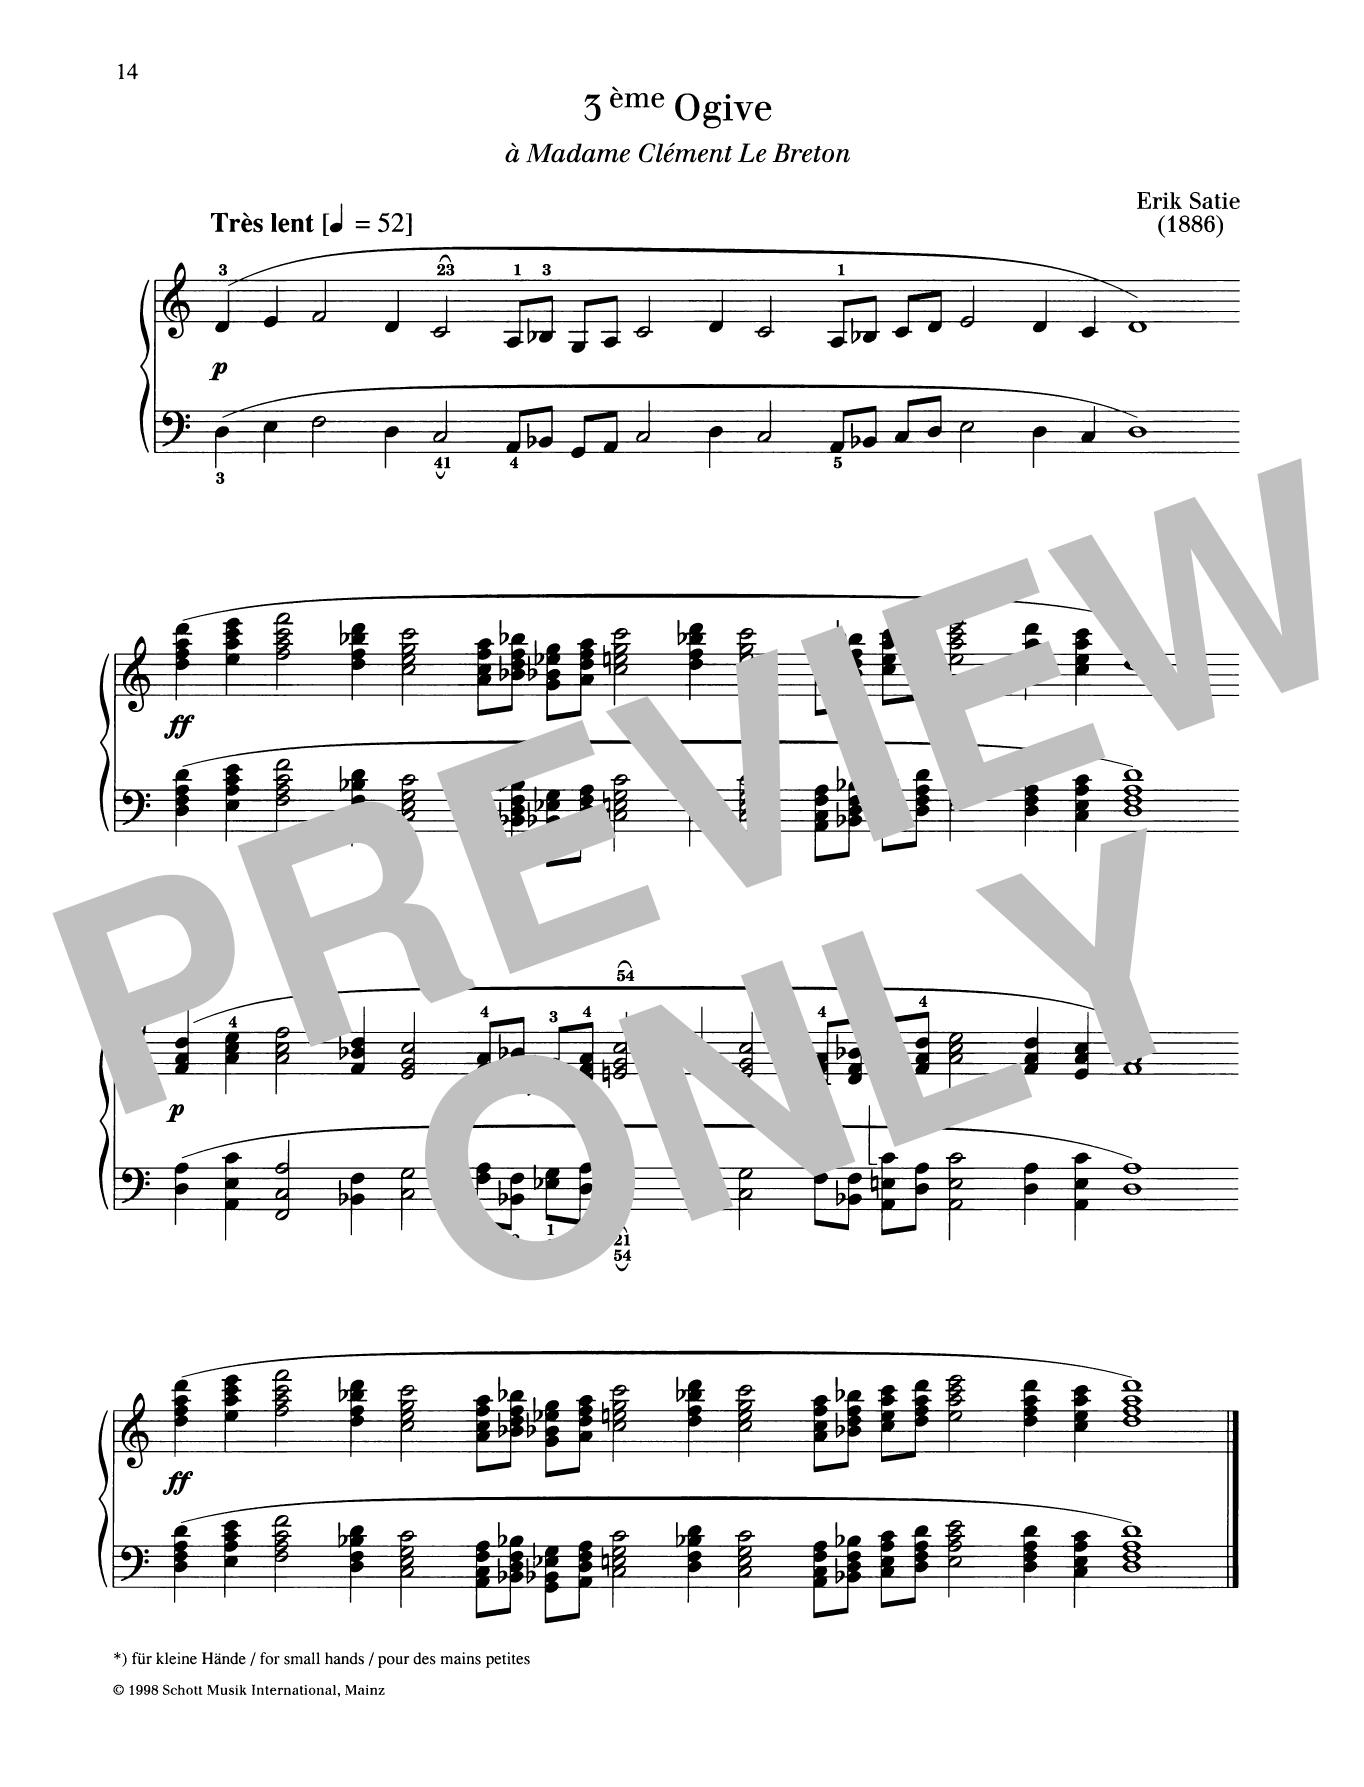 3ème Ogive Sheet Music